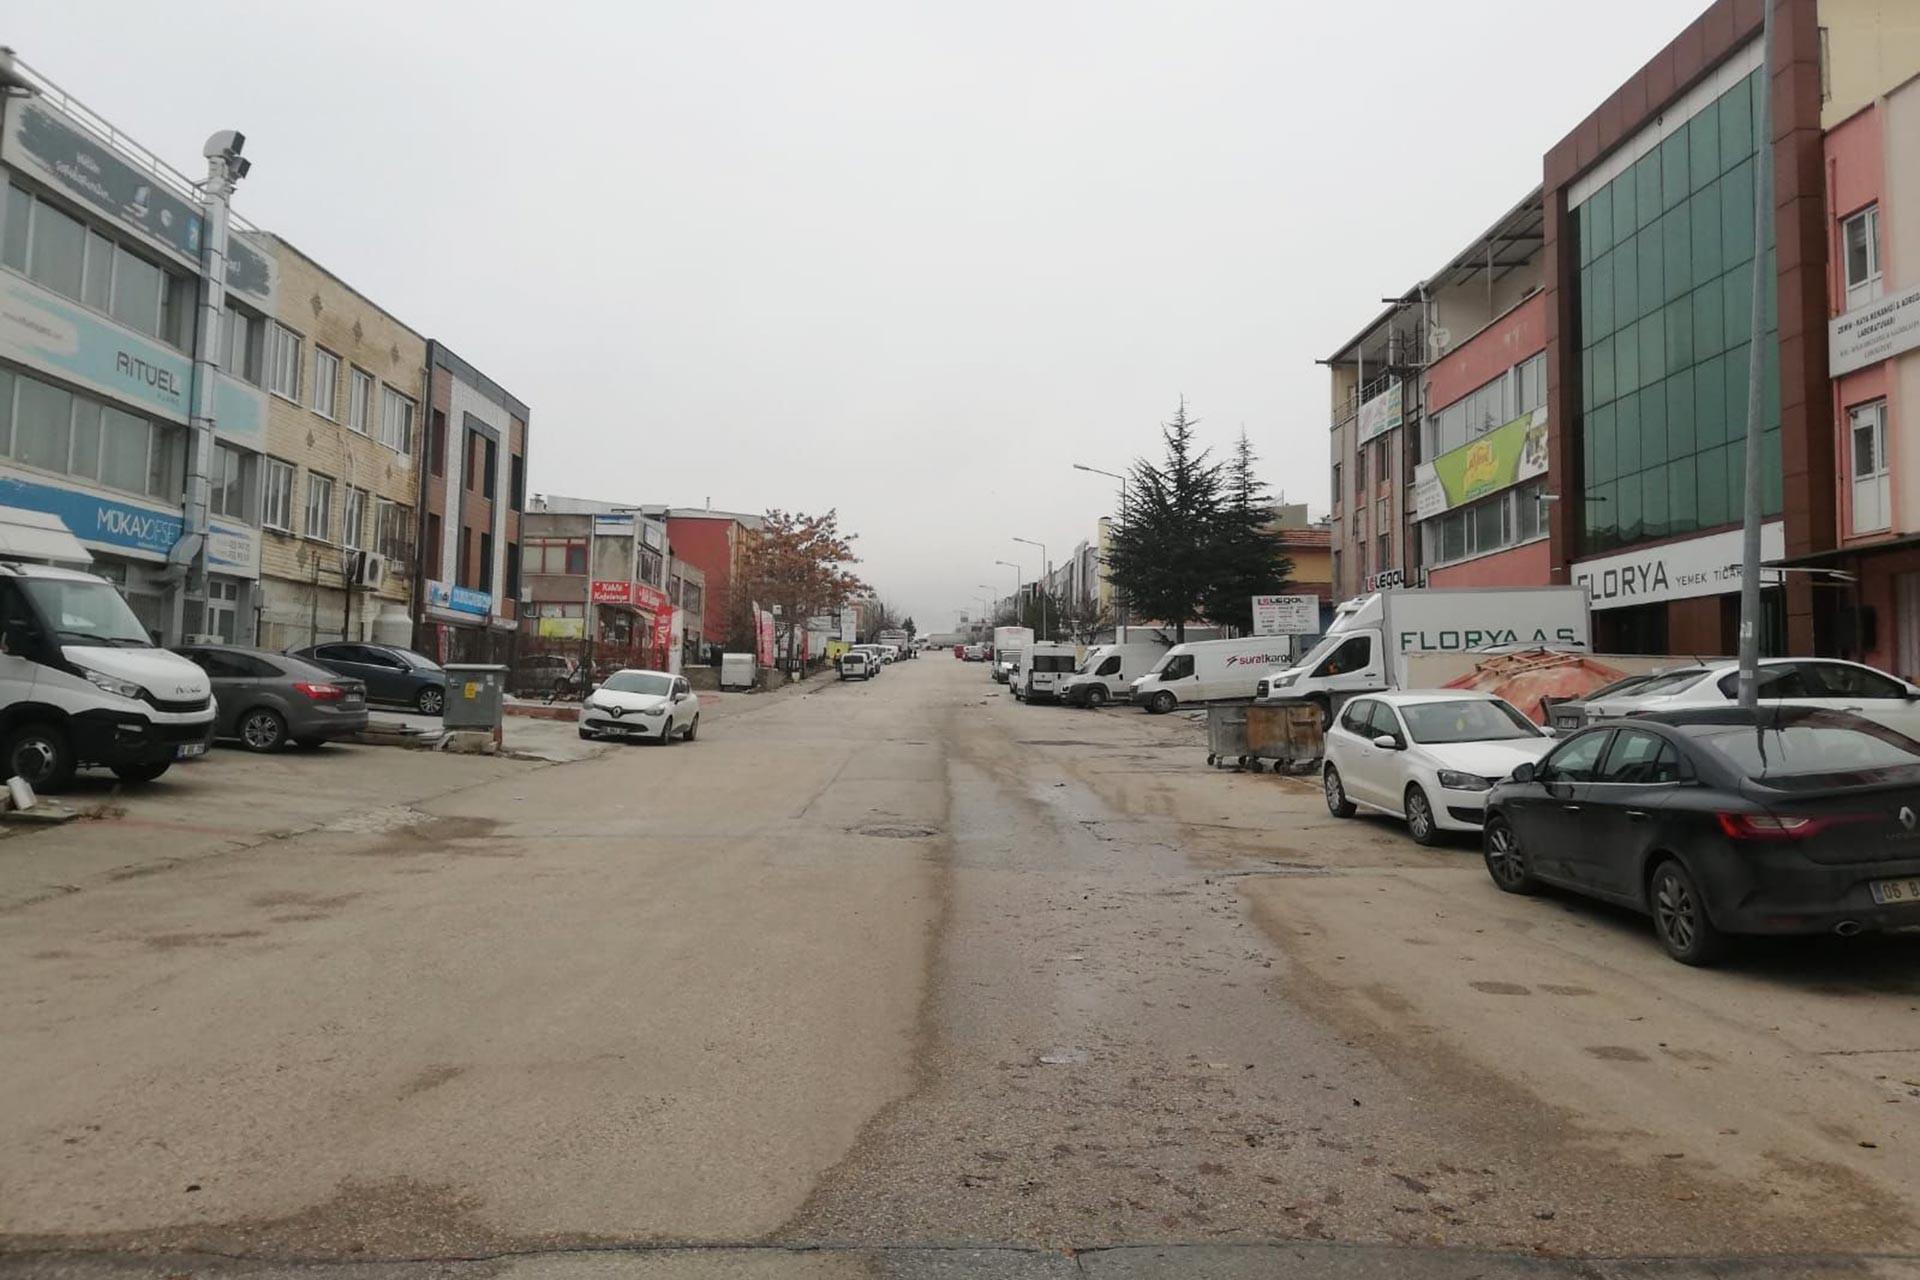 Ankara Gersan Sanayi Sitesinden bir fotoğraf